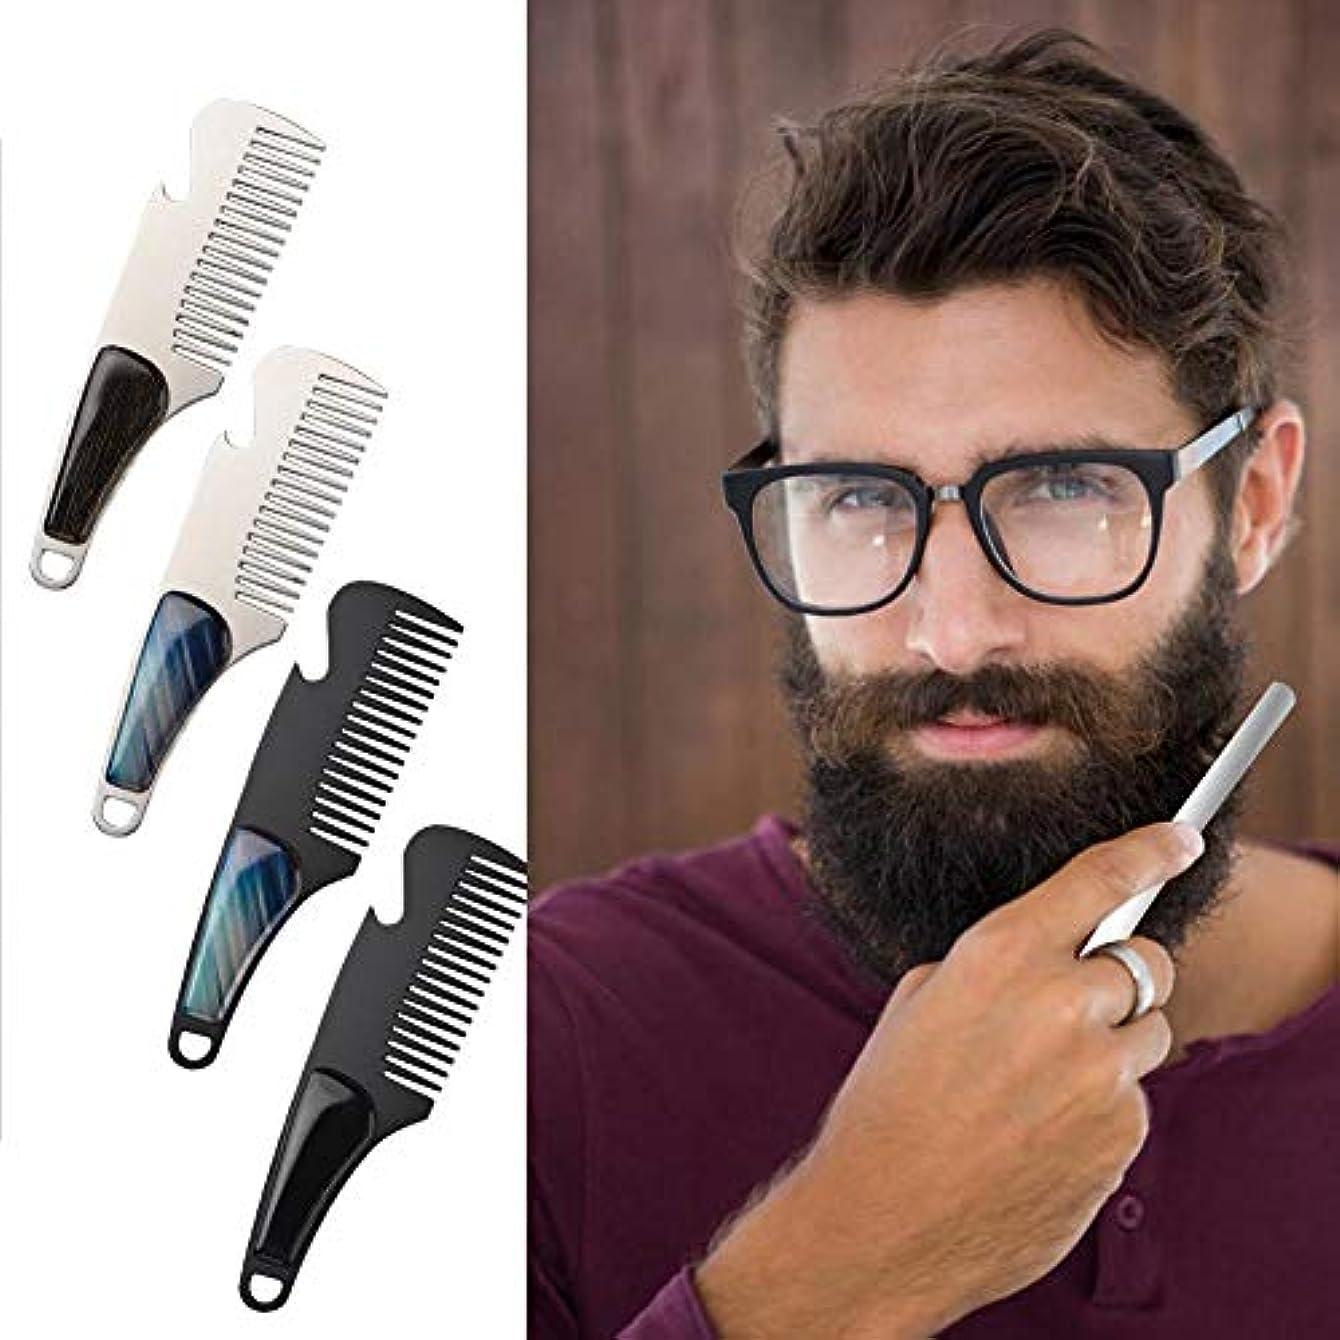 感じエスニック何でもメンズミニ髭櫛、多機能髭櫛、ステンレススチール製携帯用櫛櫛、多機能髭櫛、4色帯電防止櫛4色(4#)